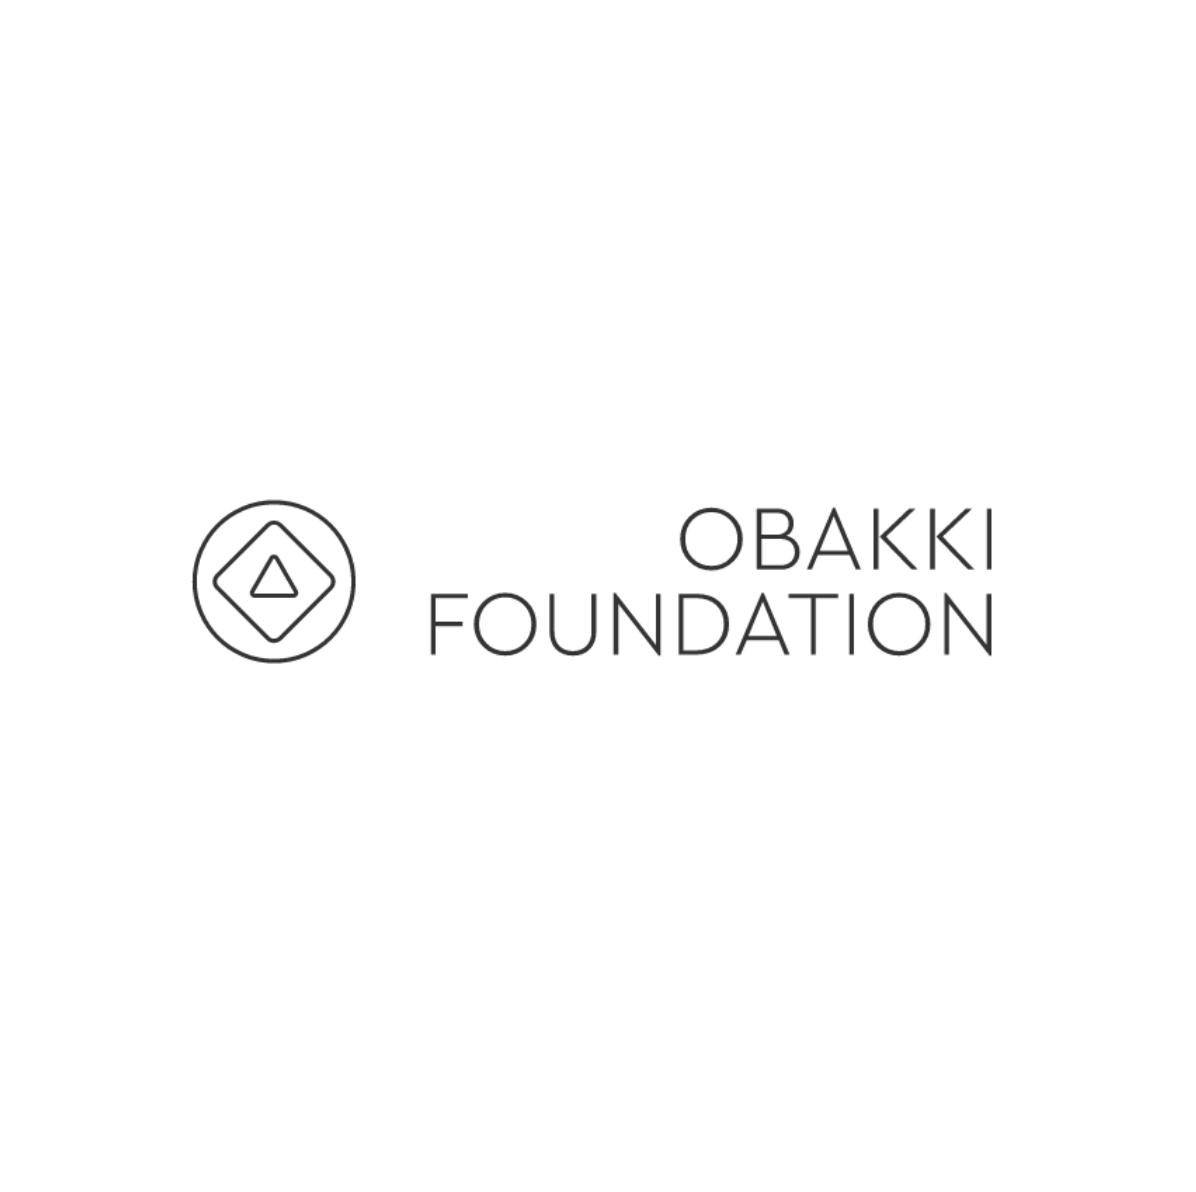 Obakki Foundation logo by Joost Bastmeijer.png